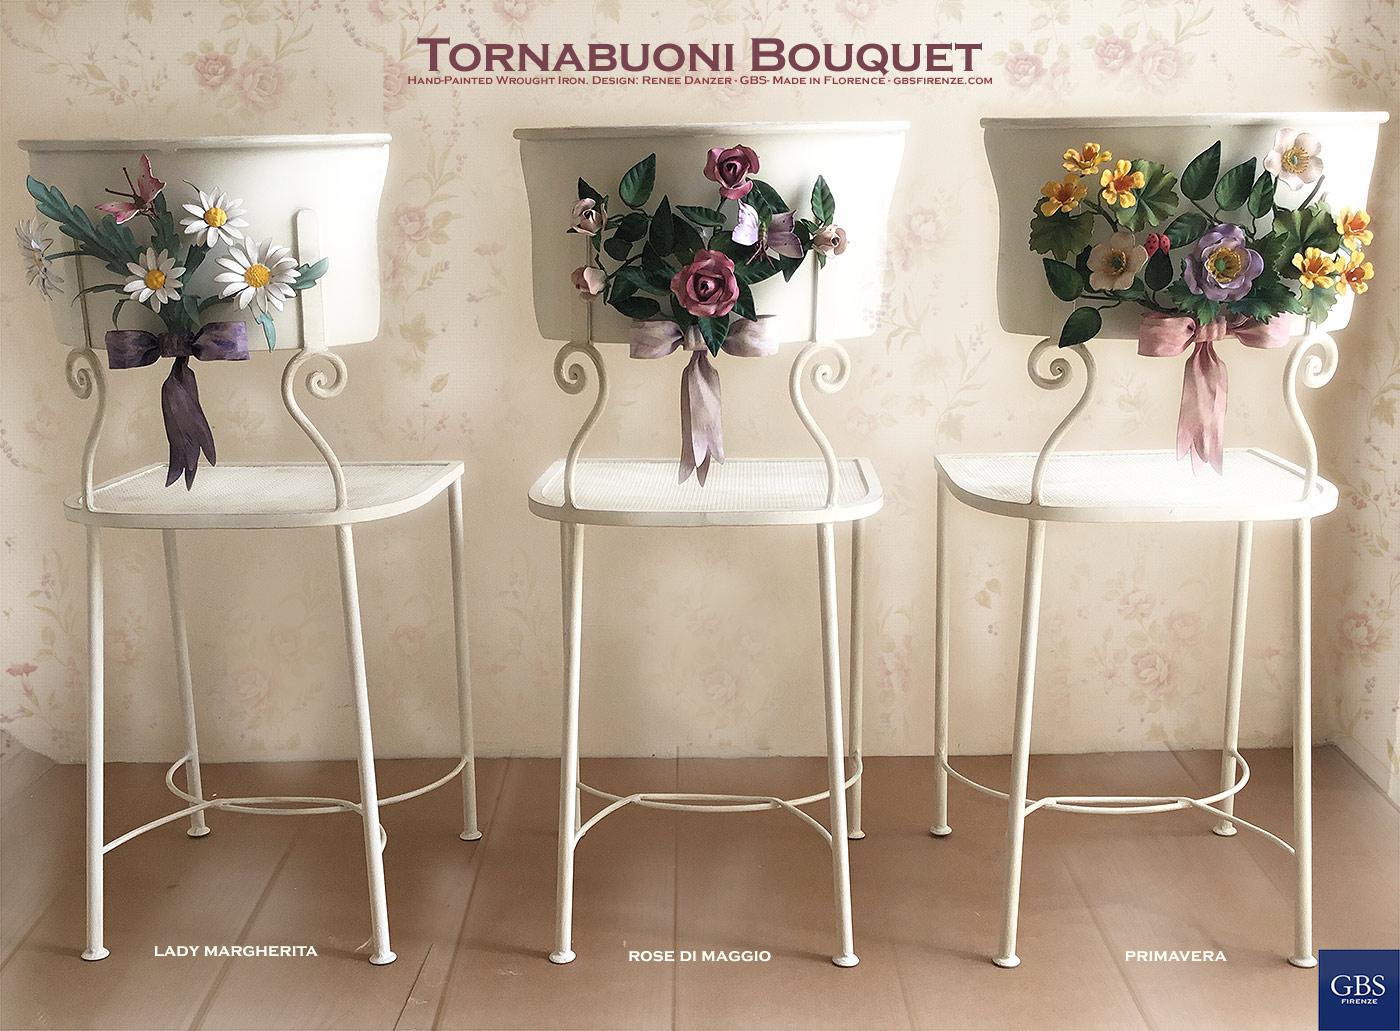 Sedia Tornabuoni Bouquet: Lady Margherita, Rose di Maggio e Primavera. Ferro battuto e decorato a mano